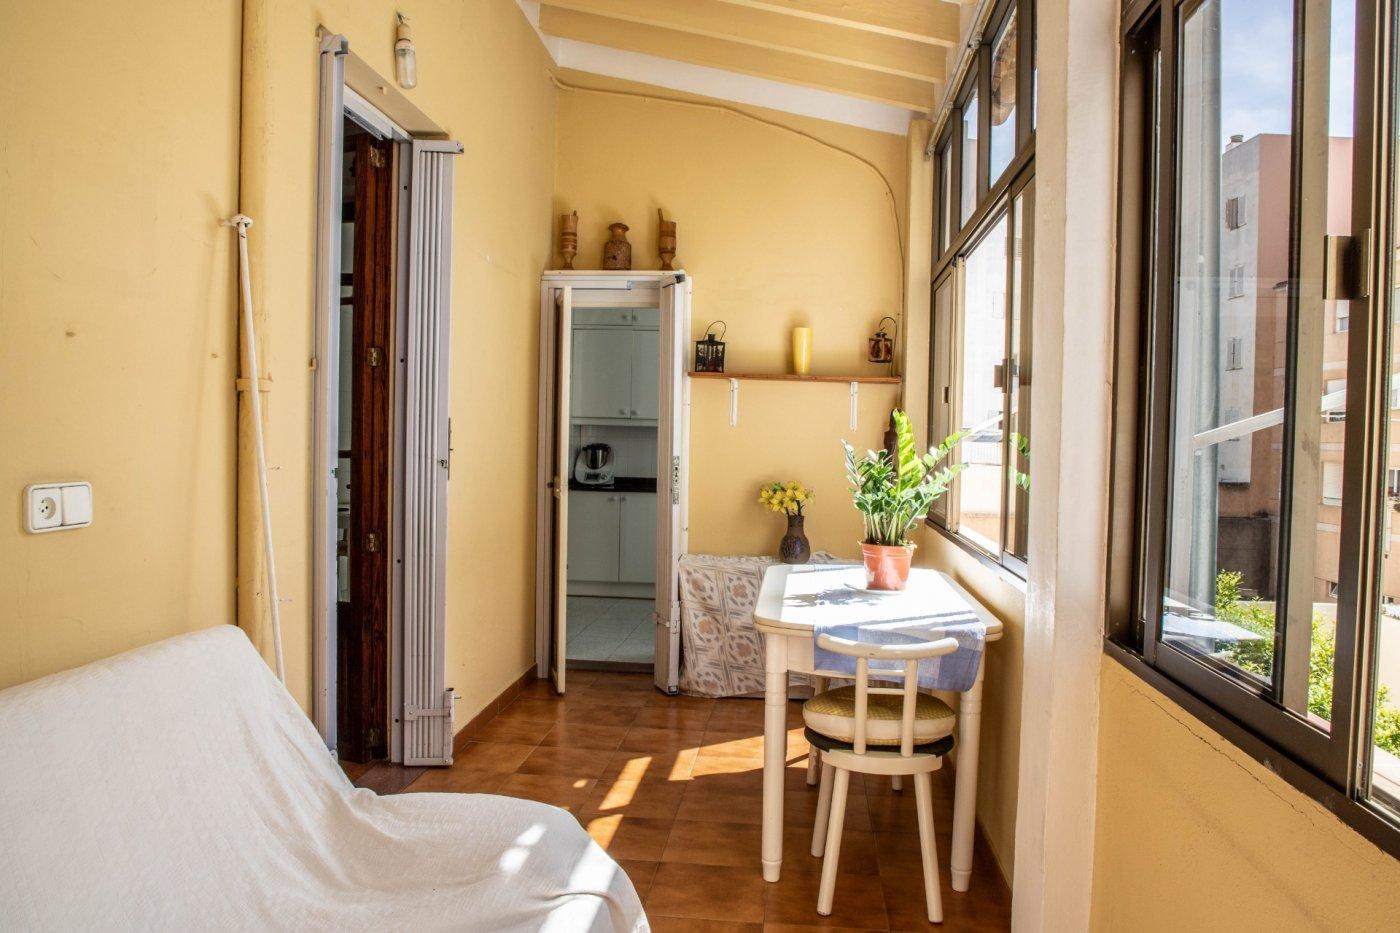 Primer piso con terrado privado en santa catalina - imagenInmueble12